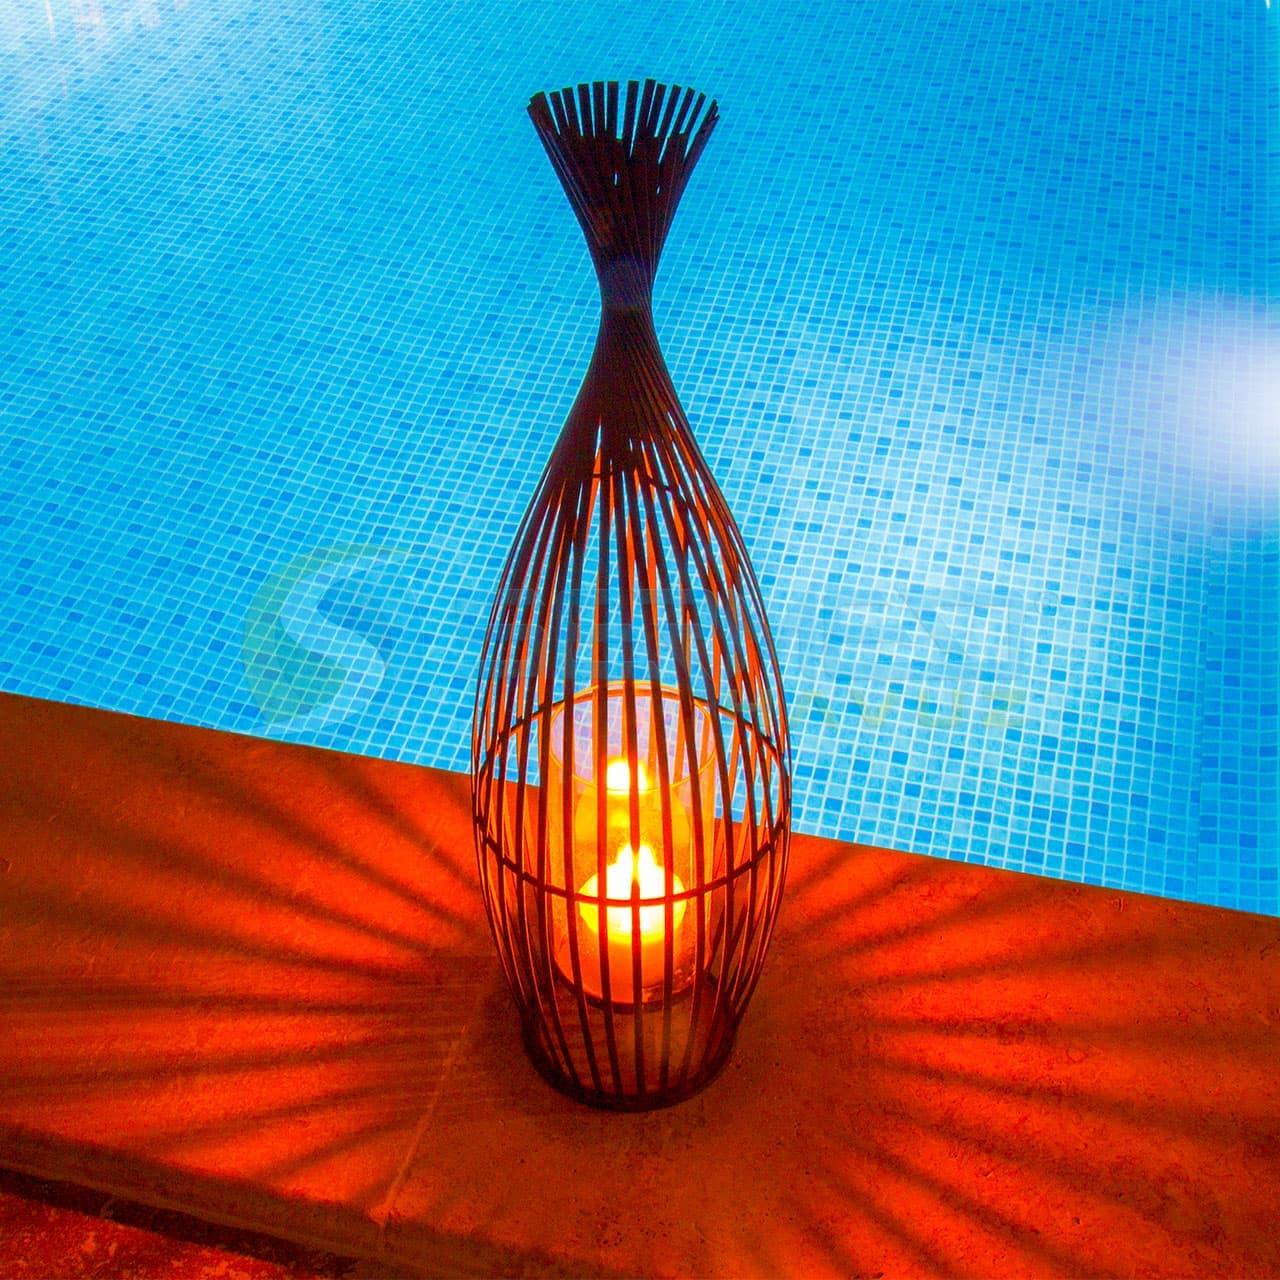 Guzelbahce Aykut Bey'e Fipool Skimmerli Panel Havuz Sermed Havuz Firması tarafından yapıldı.